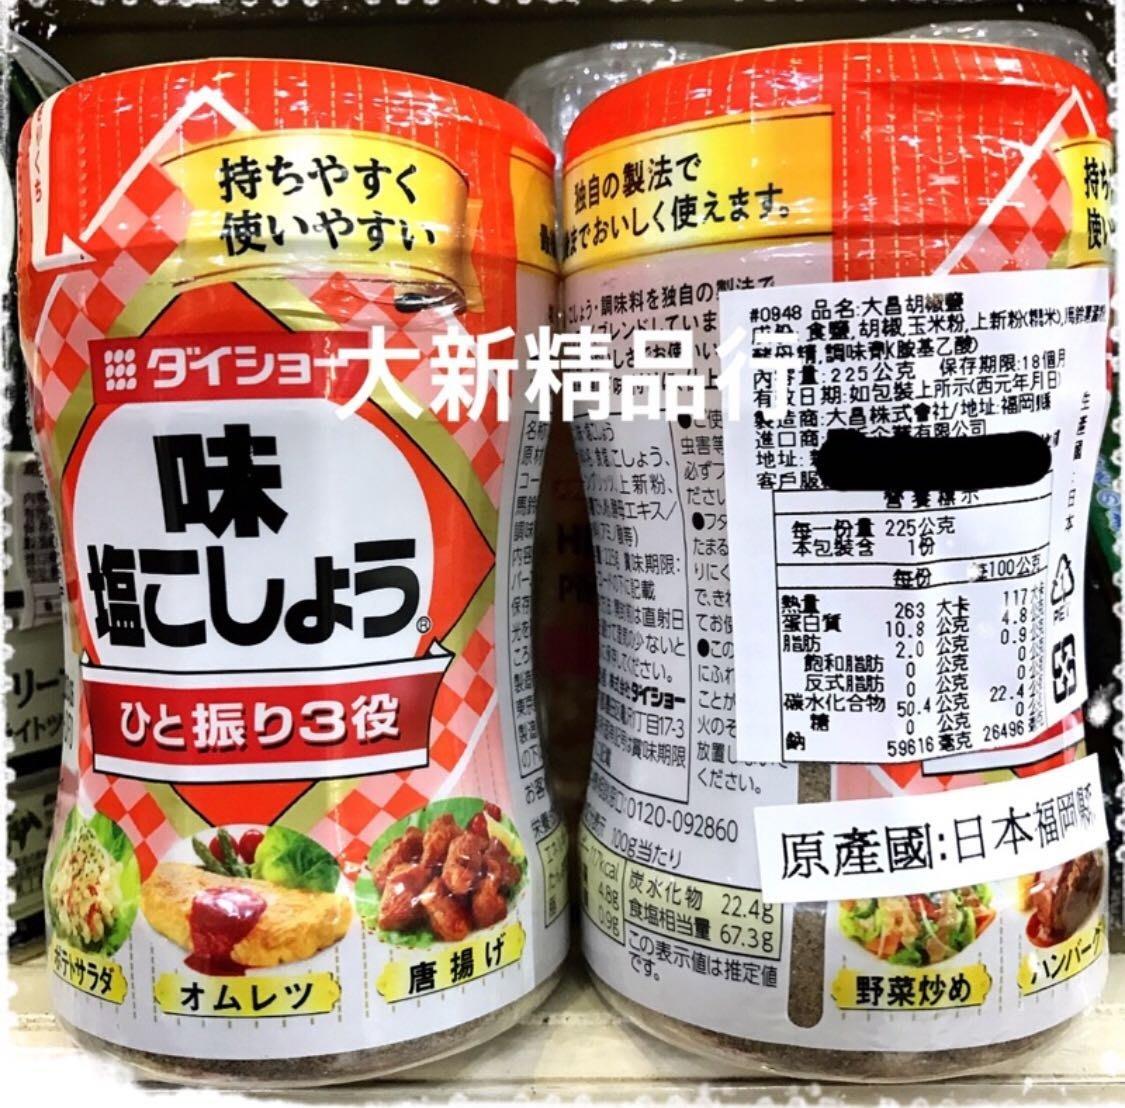 [三鳳中街] 日本原裝進口大倉 調味胡椒塩 罐裝胡椒鹽  PEPPER SALT (食用鹽)